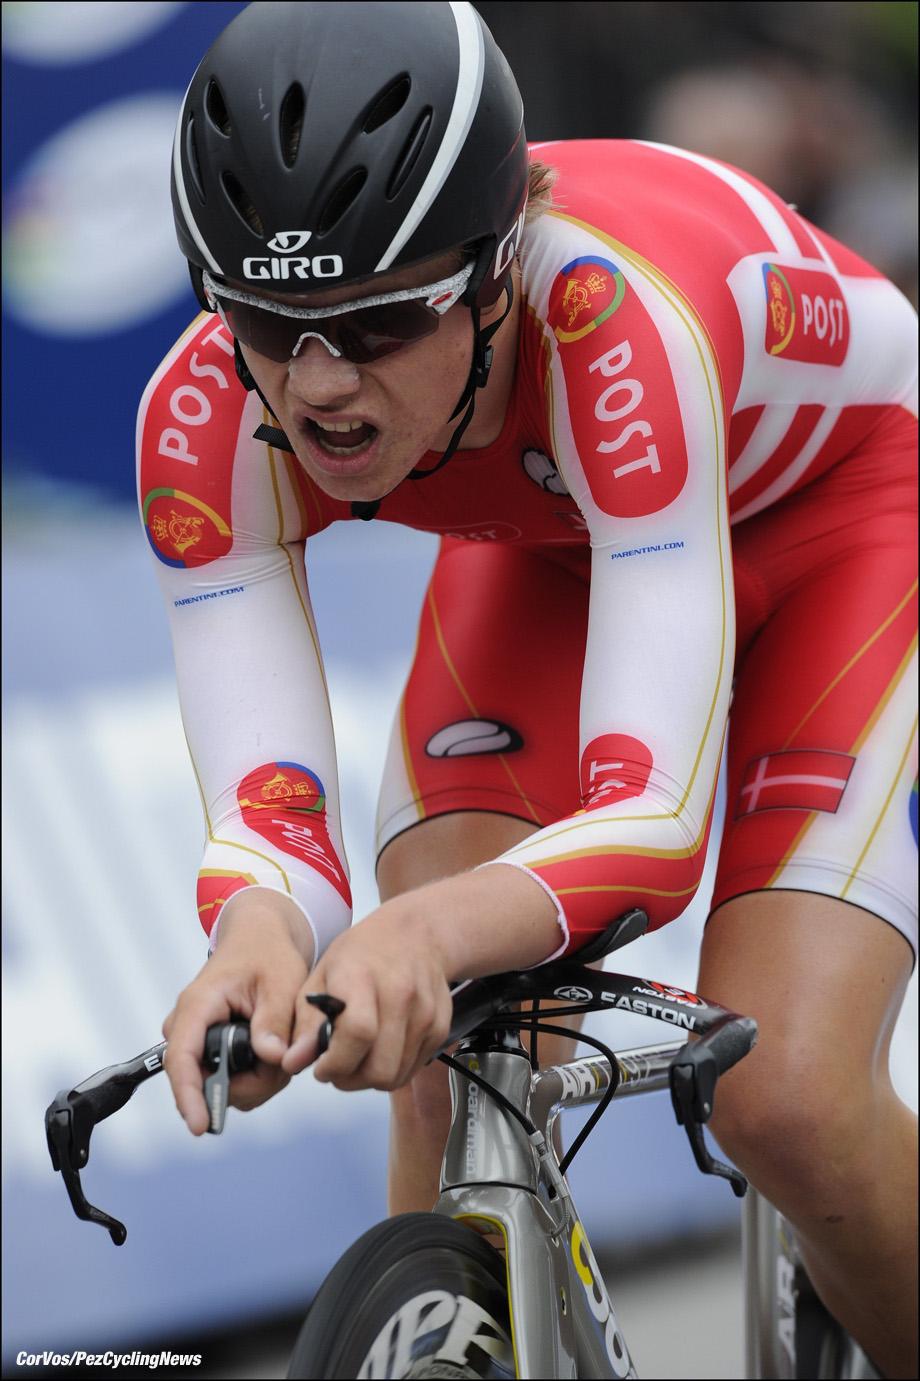 Wereldkampioenschap weg TT juniores 2011